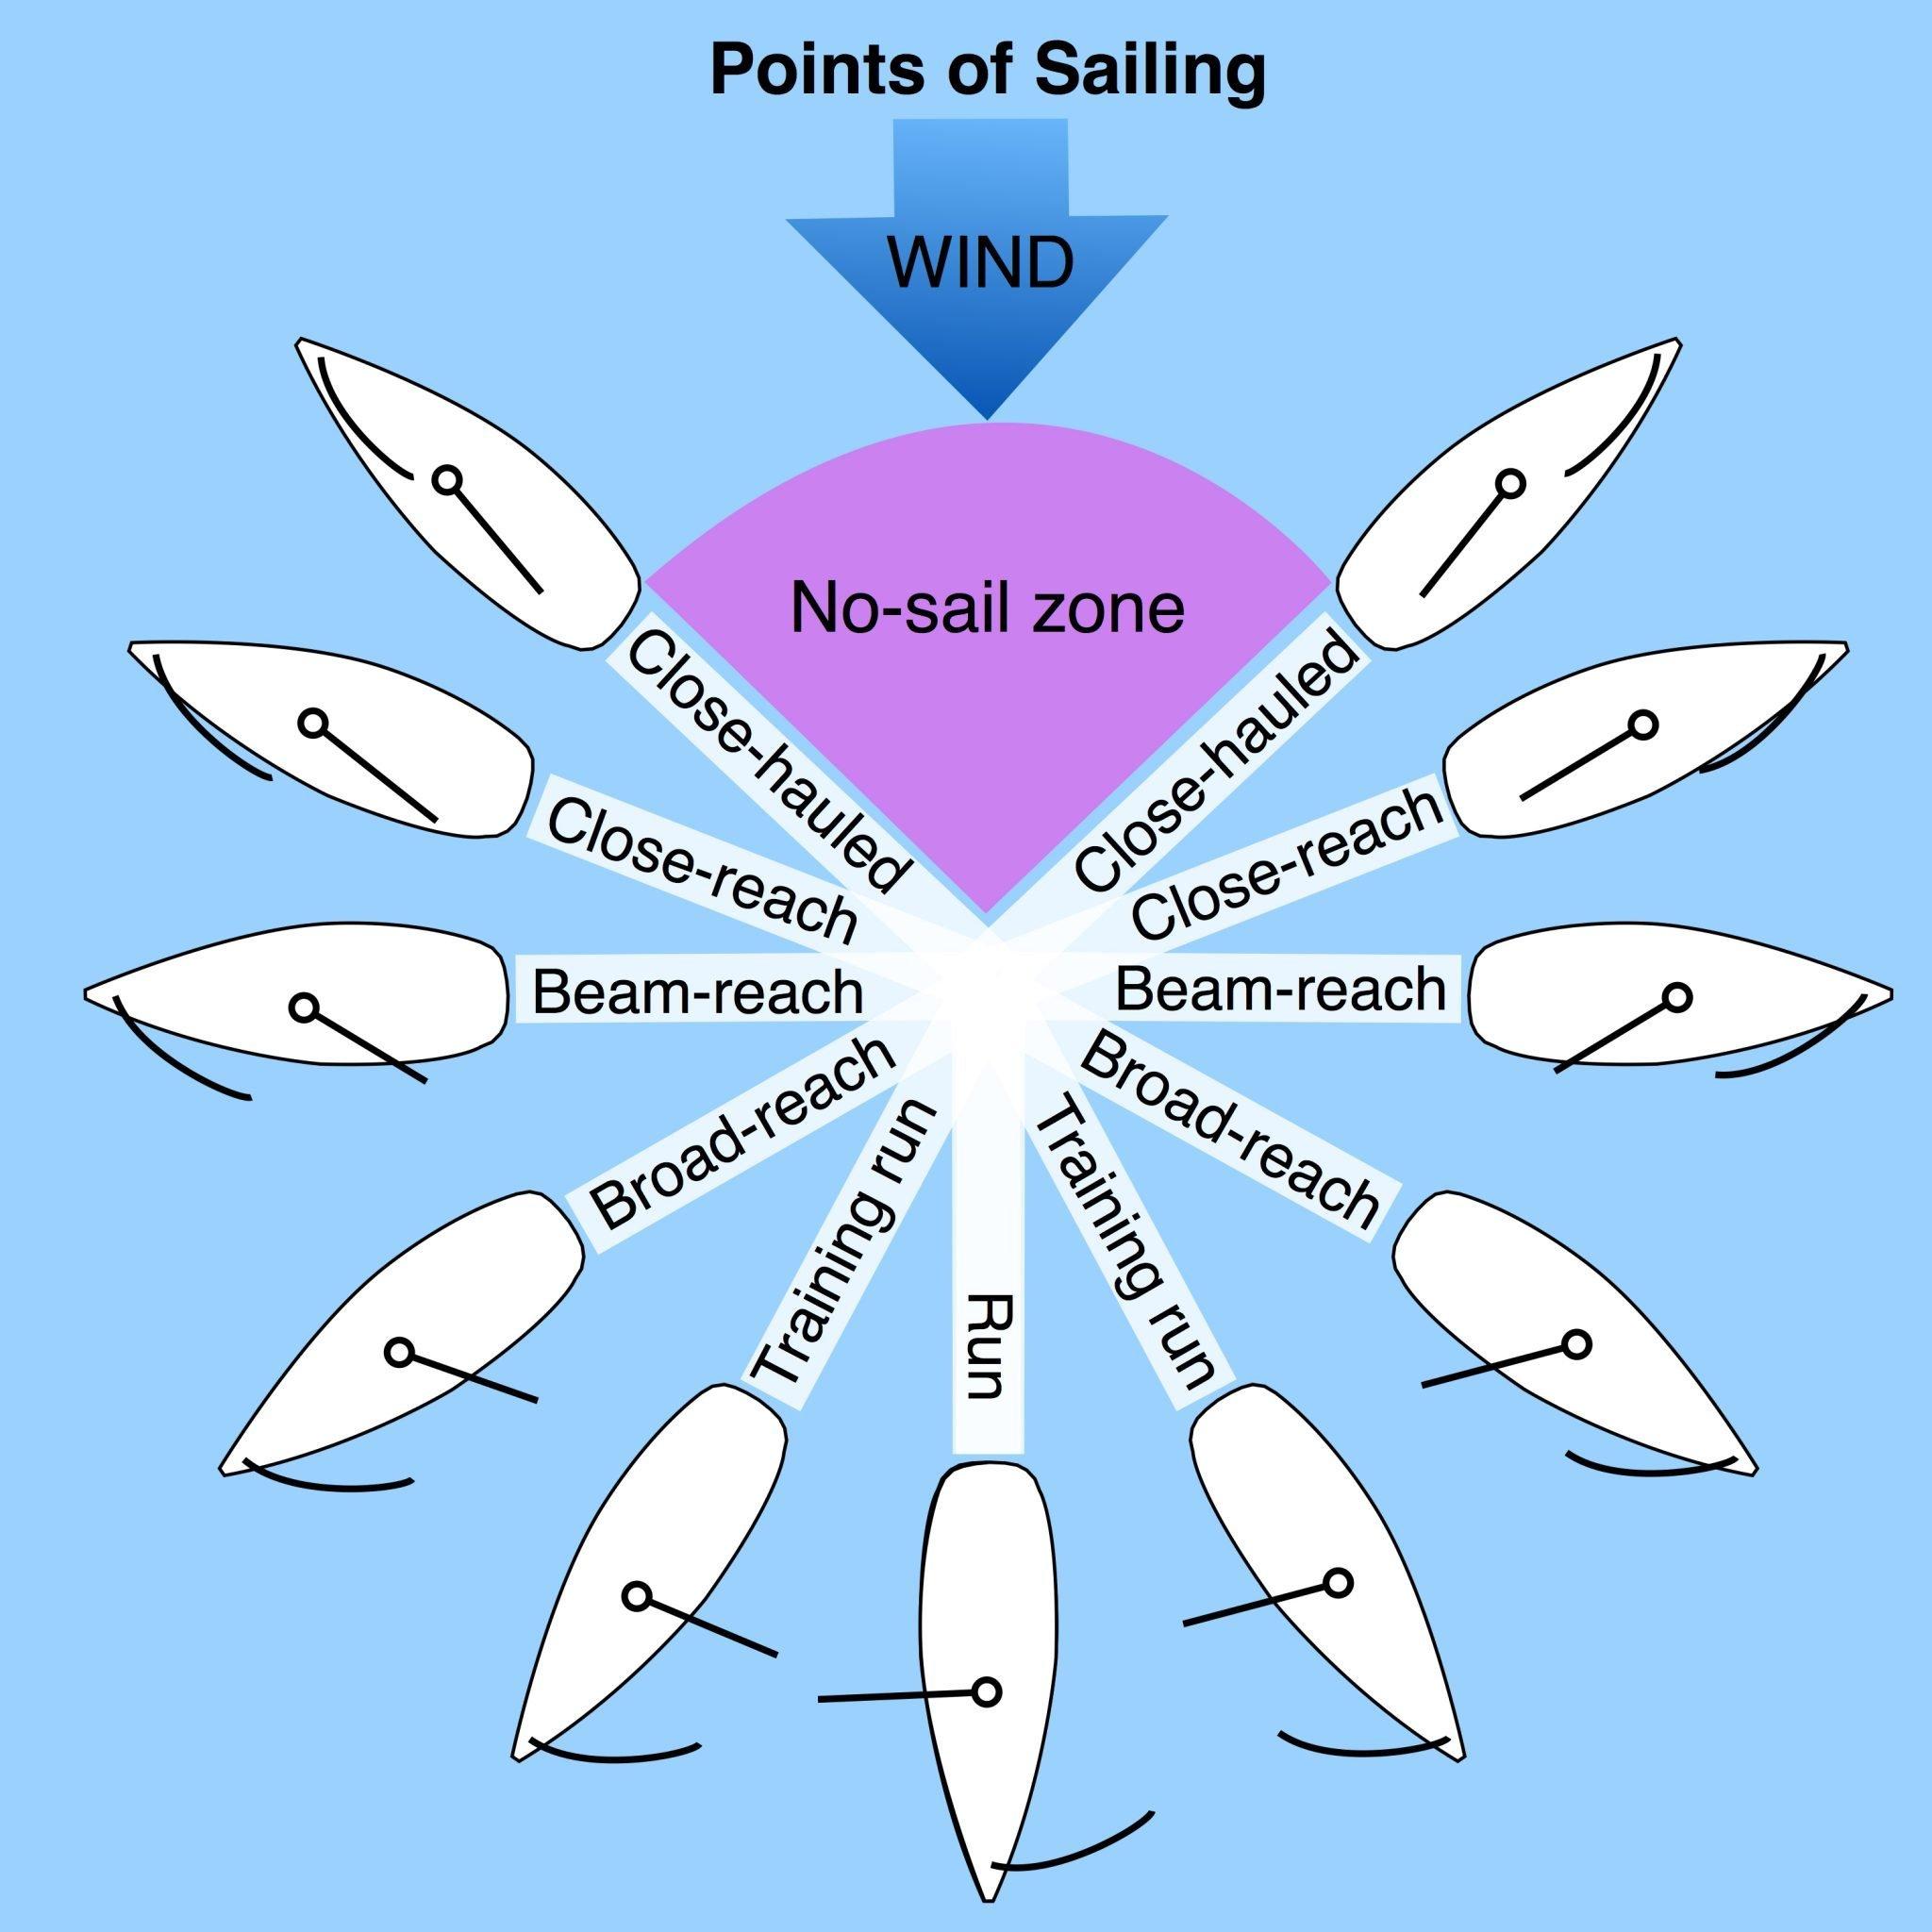 Points of Sailing - Safe Skipper Boating & Safety Afloat